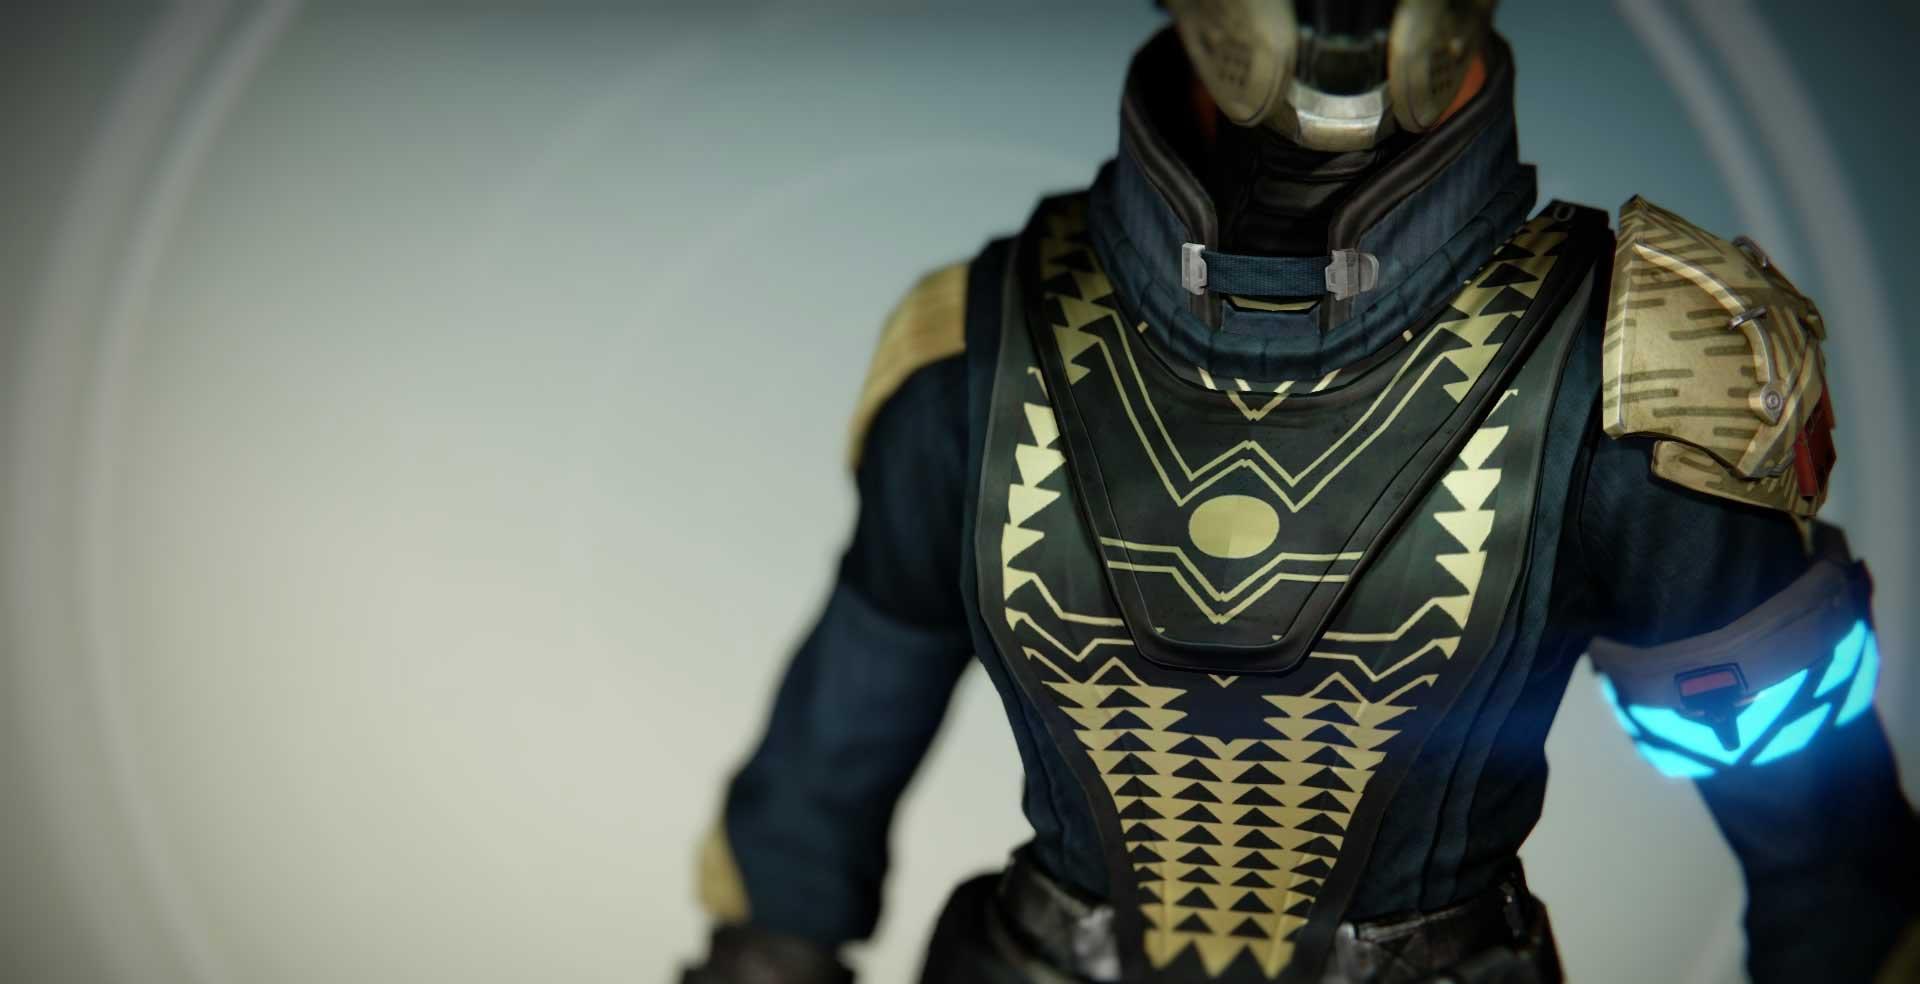 xur armor